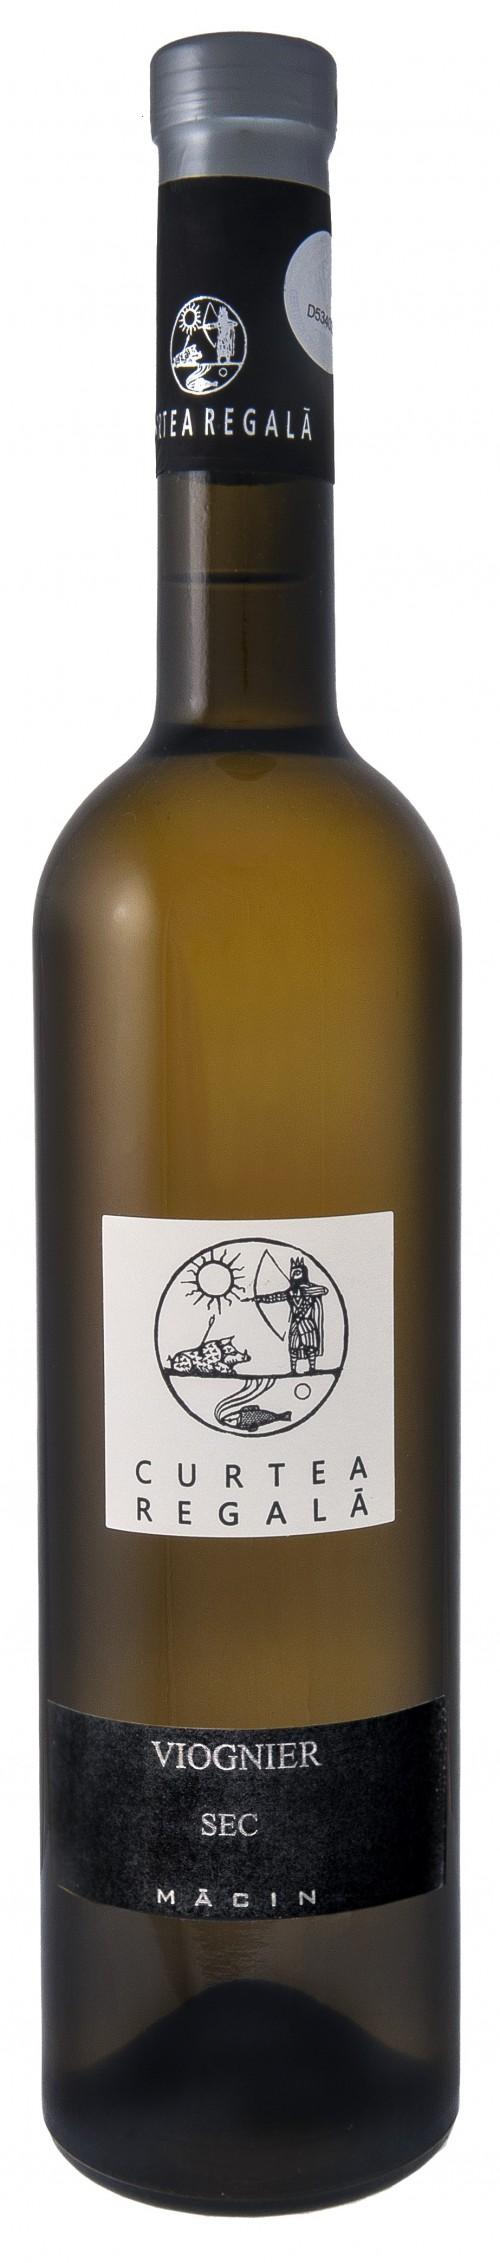 Vin alb - Curtea Regala Viognier, 2015, sec Vinuri de Macin